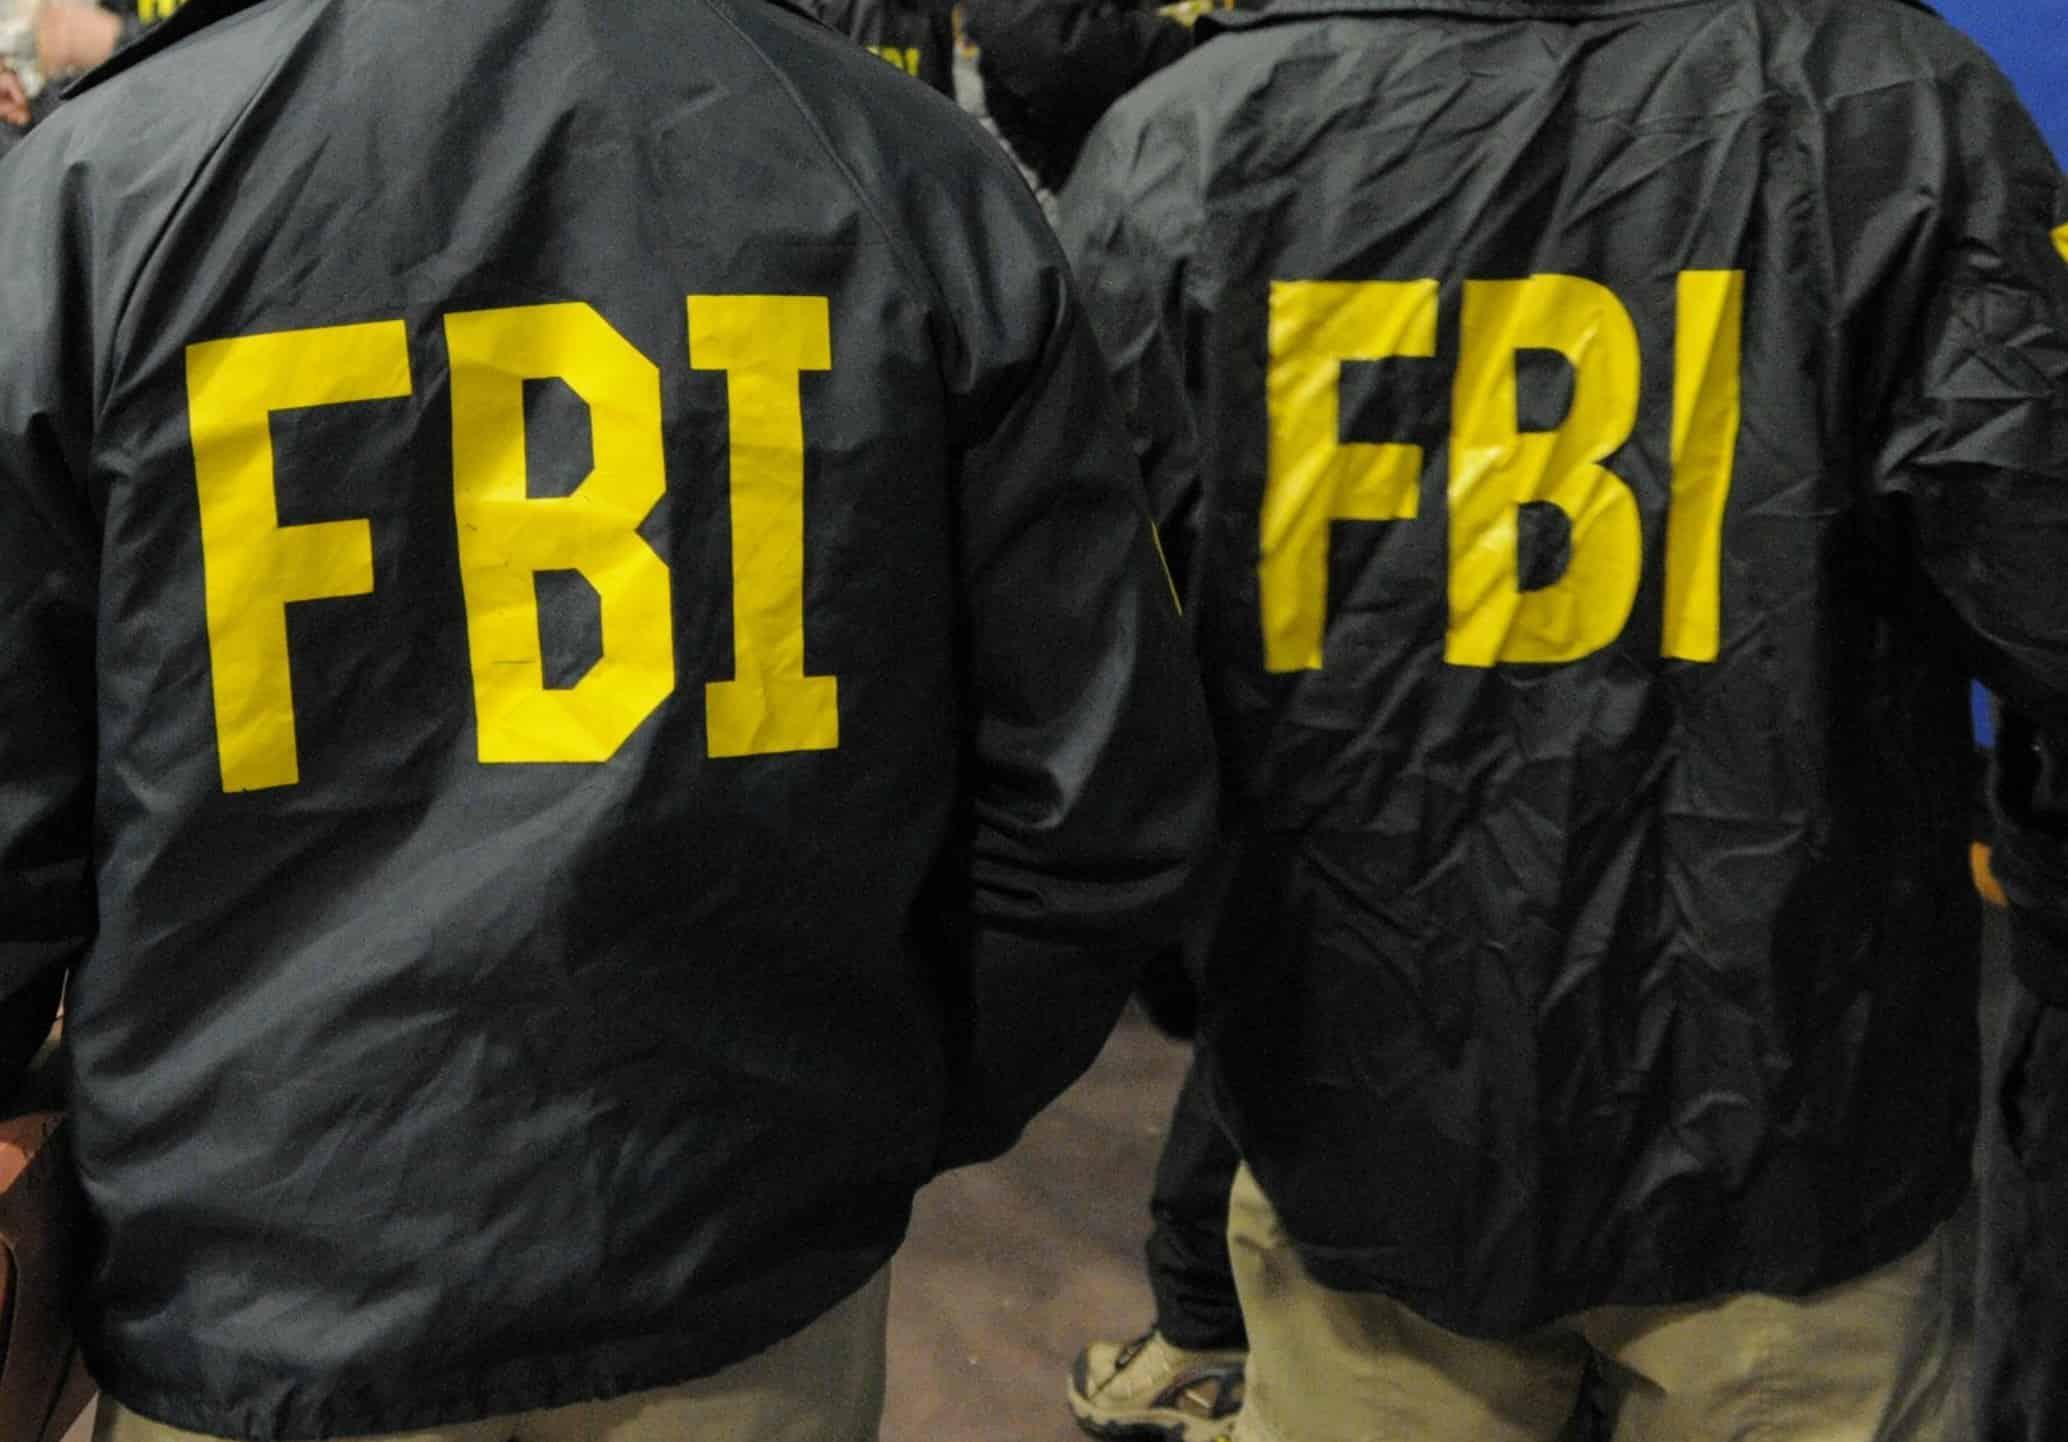 FBI busca víctimas en la investigación del intercambio canadiense QuadrigaCX